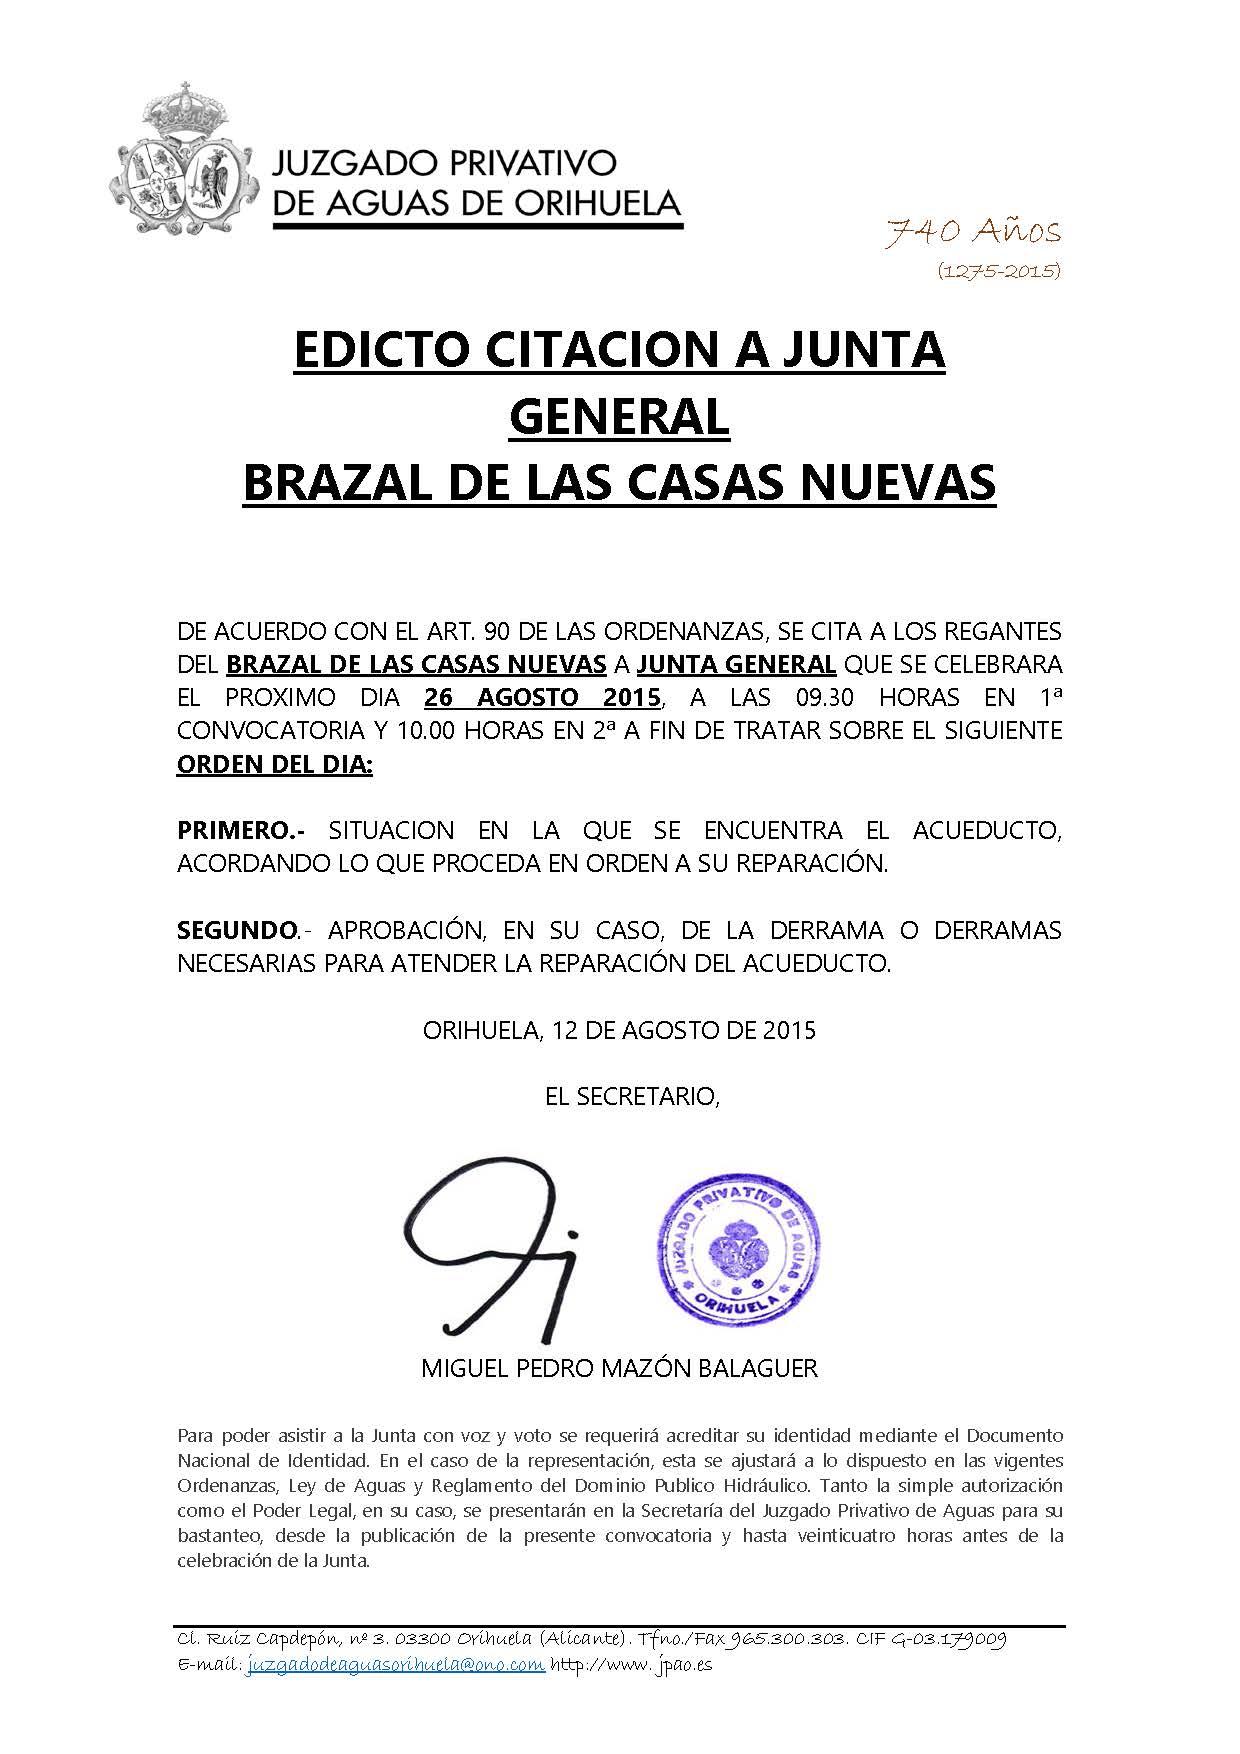 124 2015 BRAZAL DE LAS CASAS NUEVAS. EDICTO CITACION